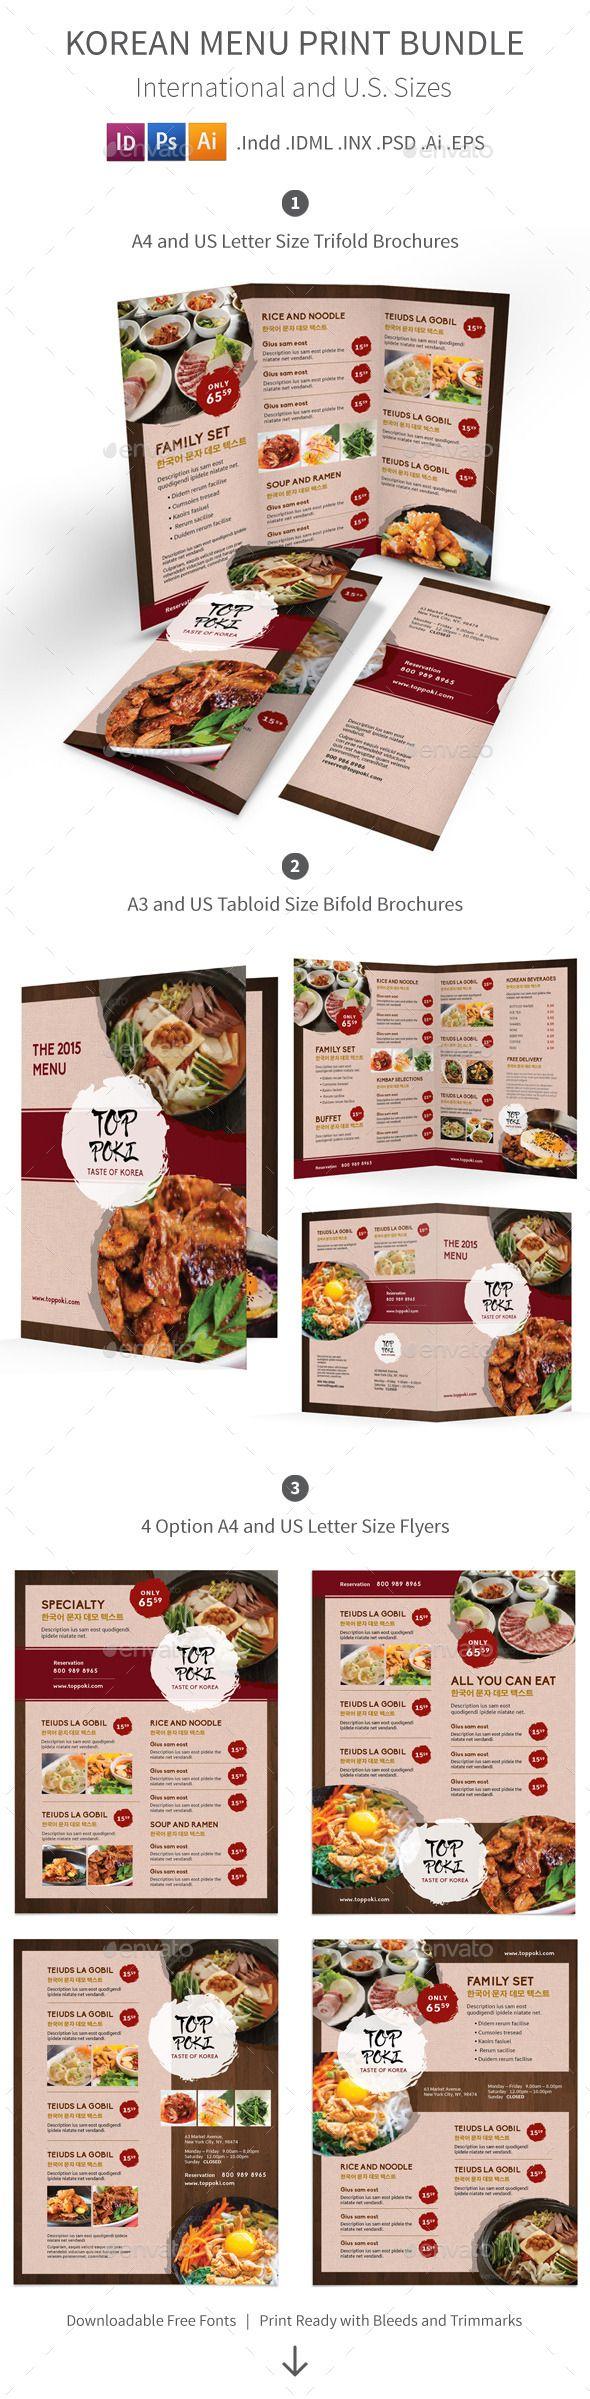 Korean Restaurant Menu Print Bundle  Menu Print Templates And